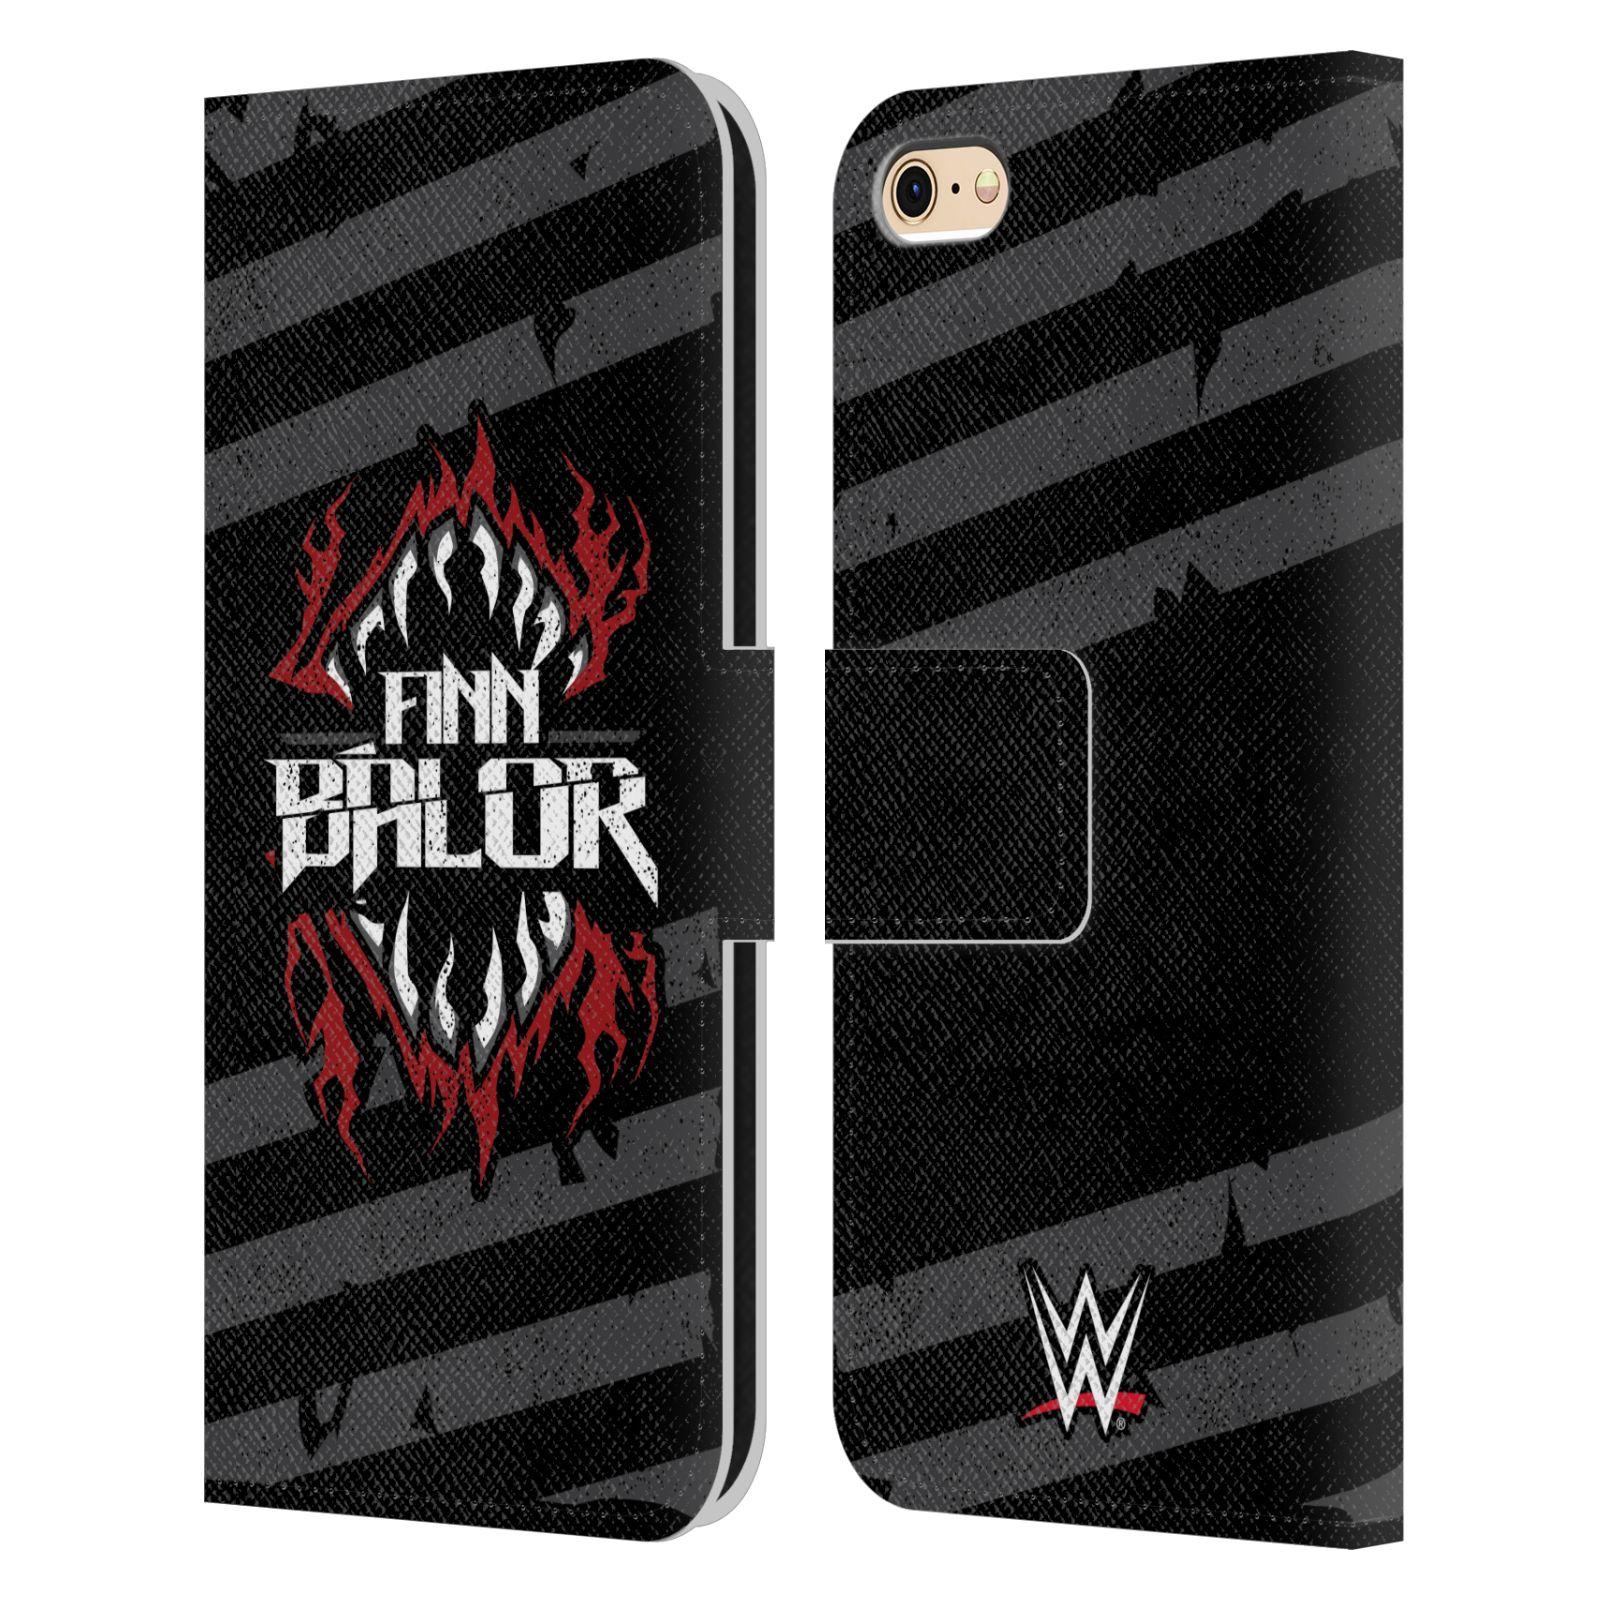 UFFICIALE-WWE-2017-FINN-BALOR-COVER-A-PORTAFOGLIO-PER-APPLE-iPHONE-TELEFONI